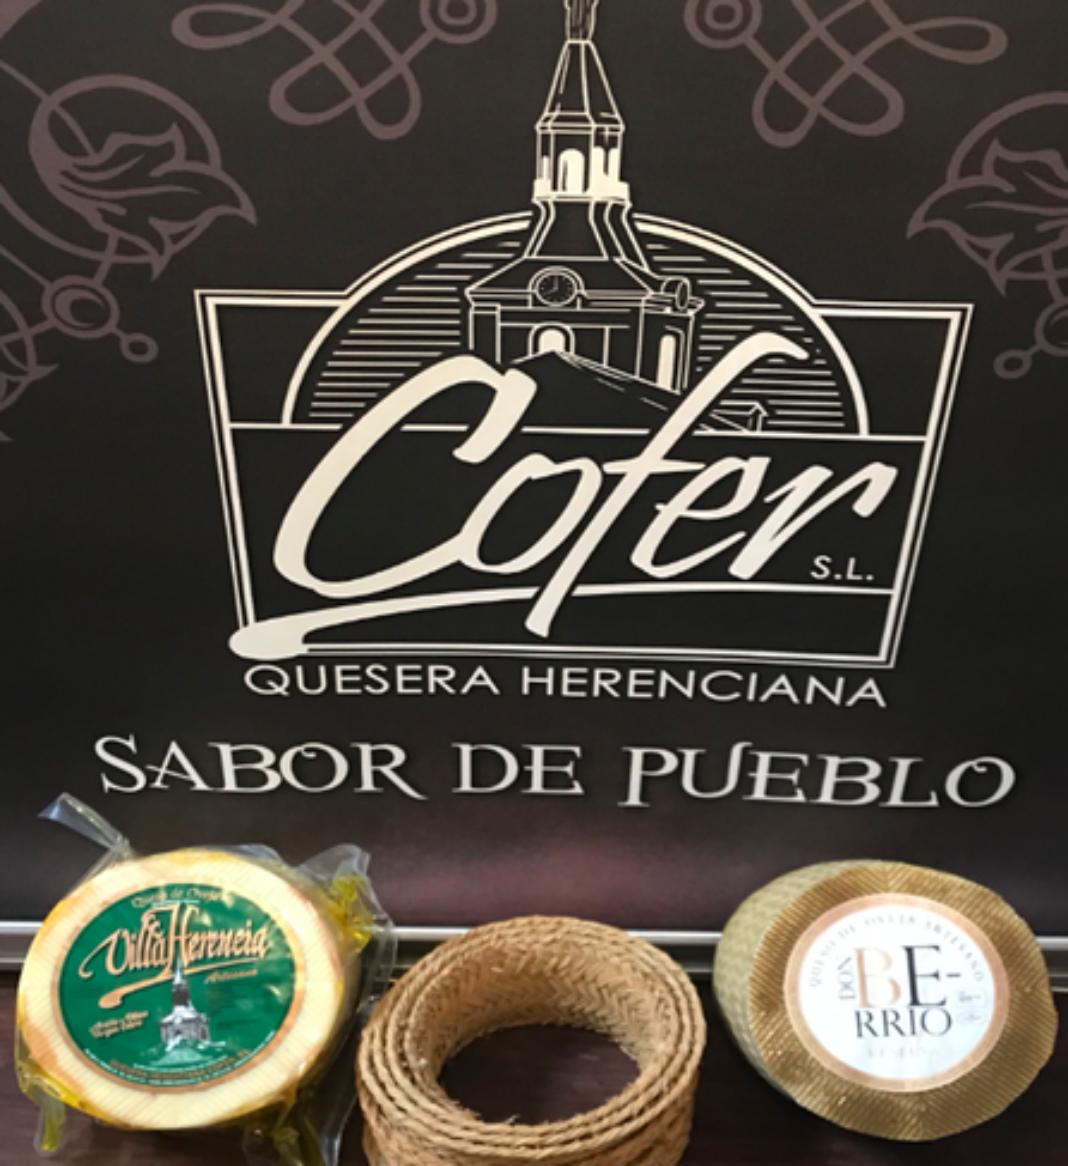 World Cheese Awards premia a los que quesos de Quesera Herenciana Cofer 1 1068x1166 - World Cheese Awards premia a los que quesos de Quesera Herenciana Cofer